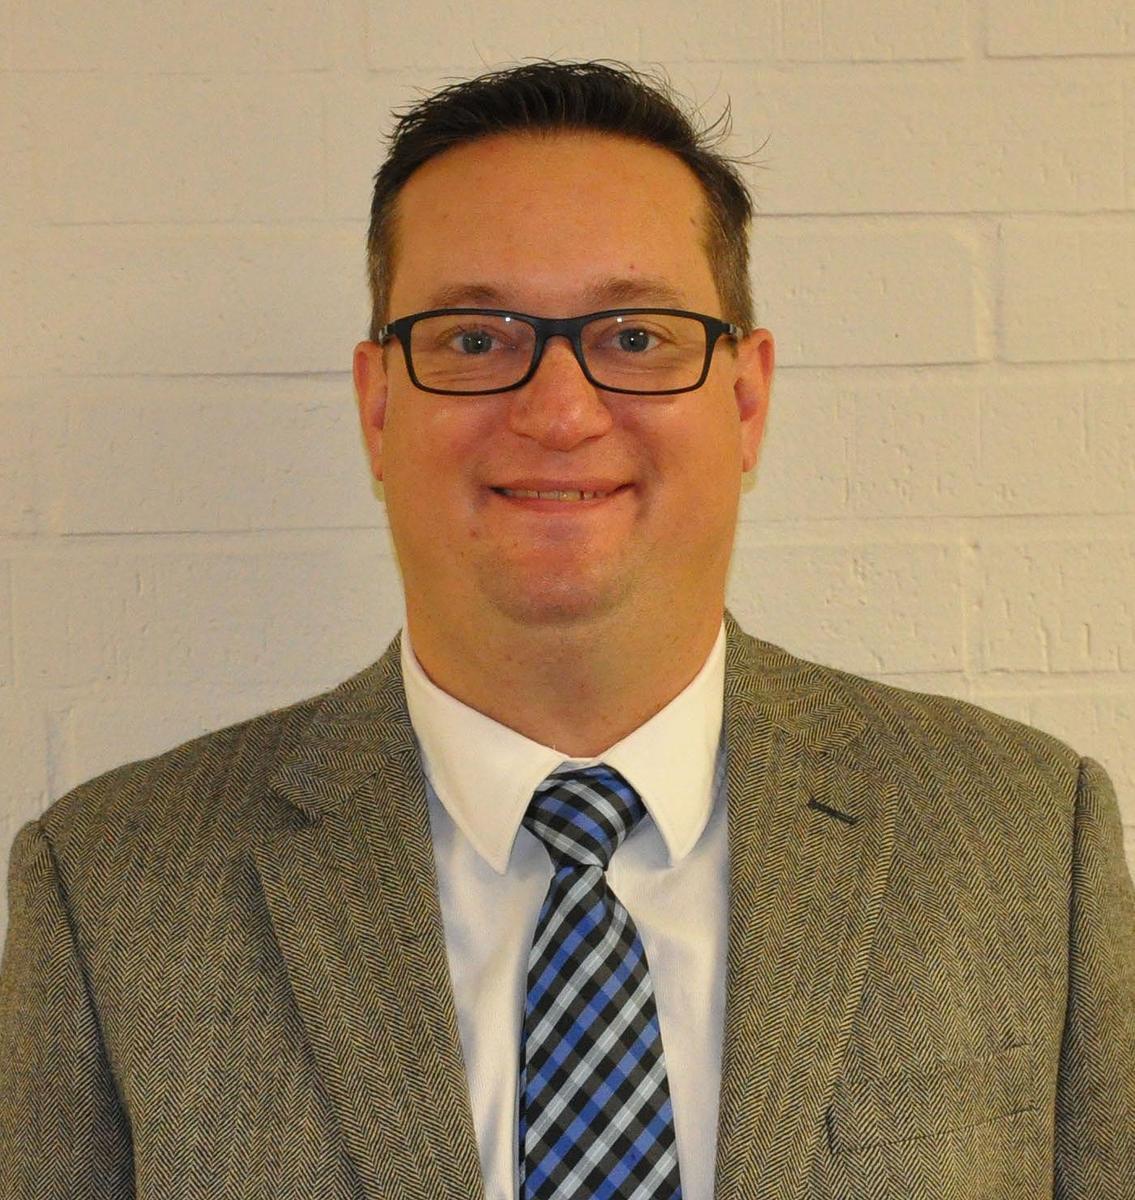 Jack Thelen, Board Member